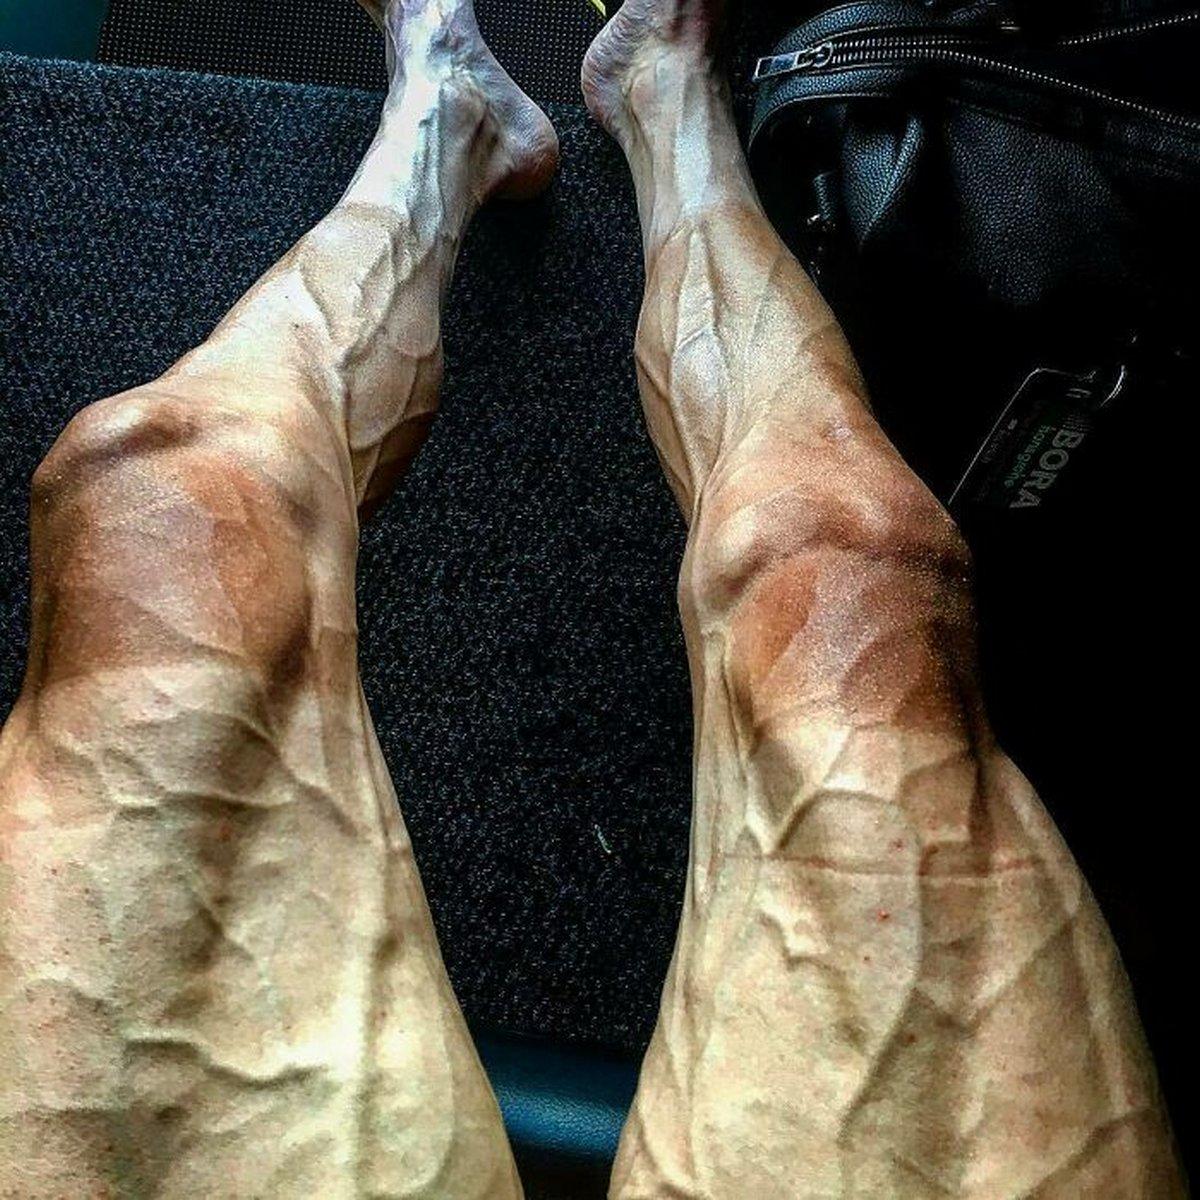 Ces photos flippantes d'athlètes olympiques vont vous donner une nouvelle perspective sur le corps humain